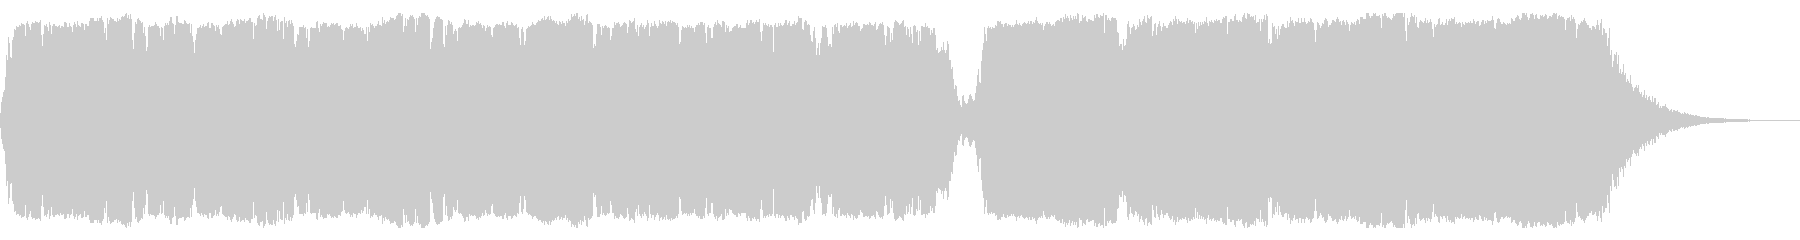 サウンドトラック-再生-の未再生の波形